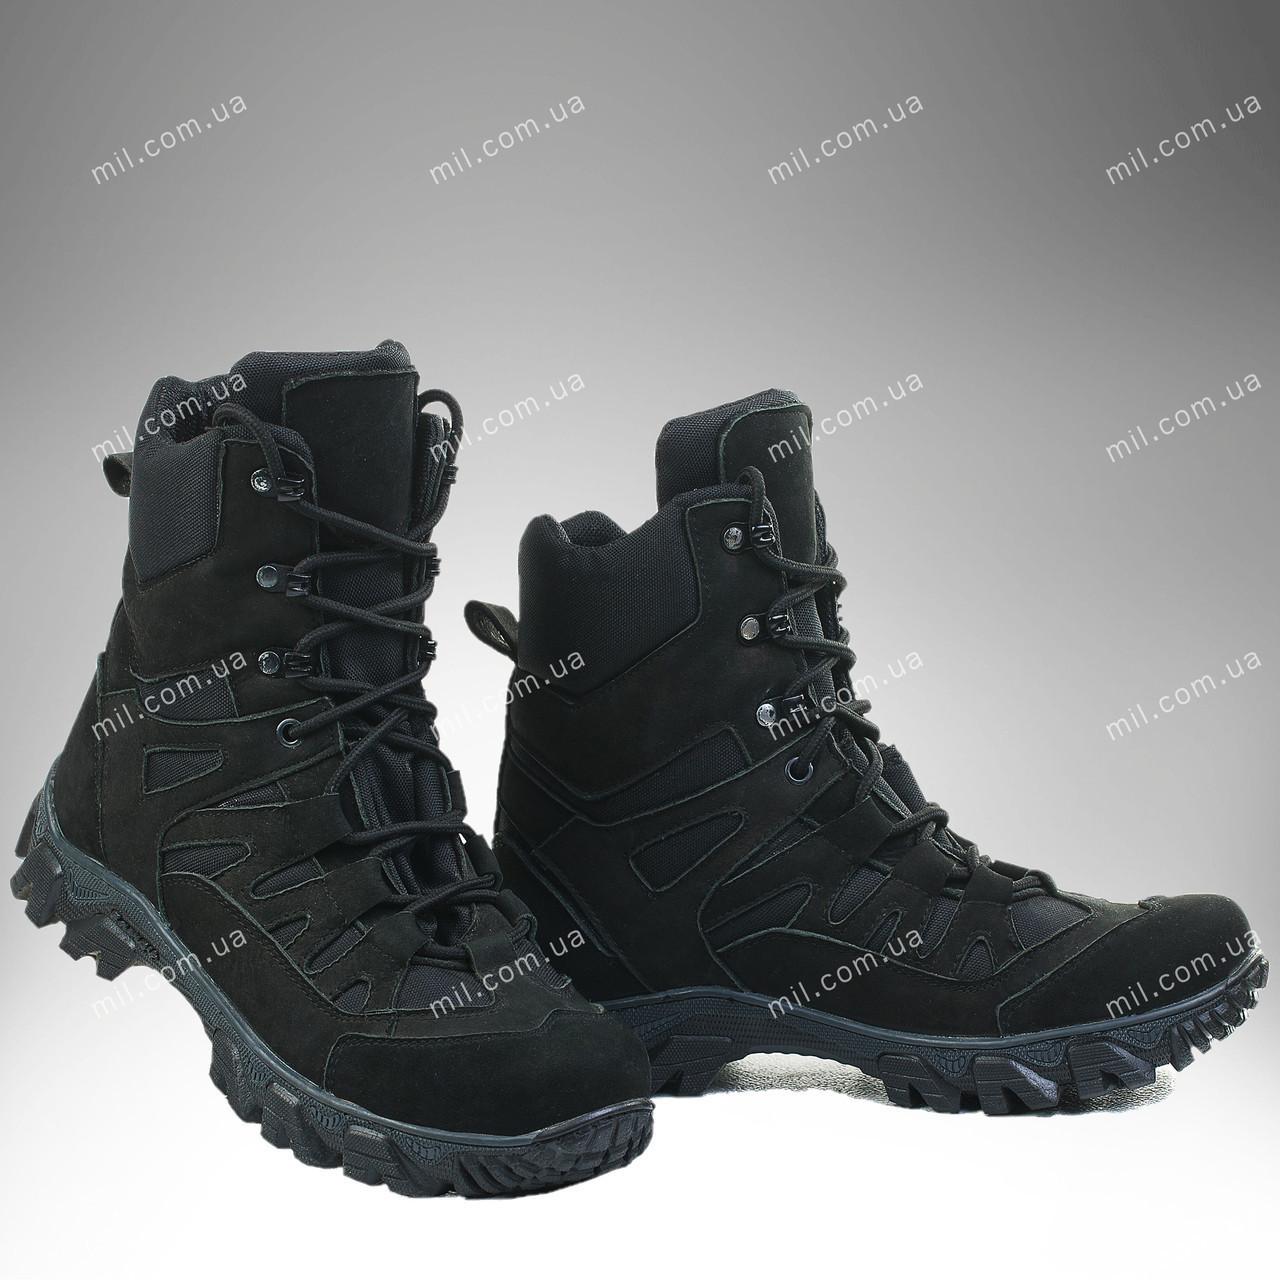 ⭐⭐Берцы демисезонные / военная, тактическая обувь ЦЕНТУРИОН II (черный)   берцы, берці, берци, военная обувь,